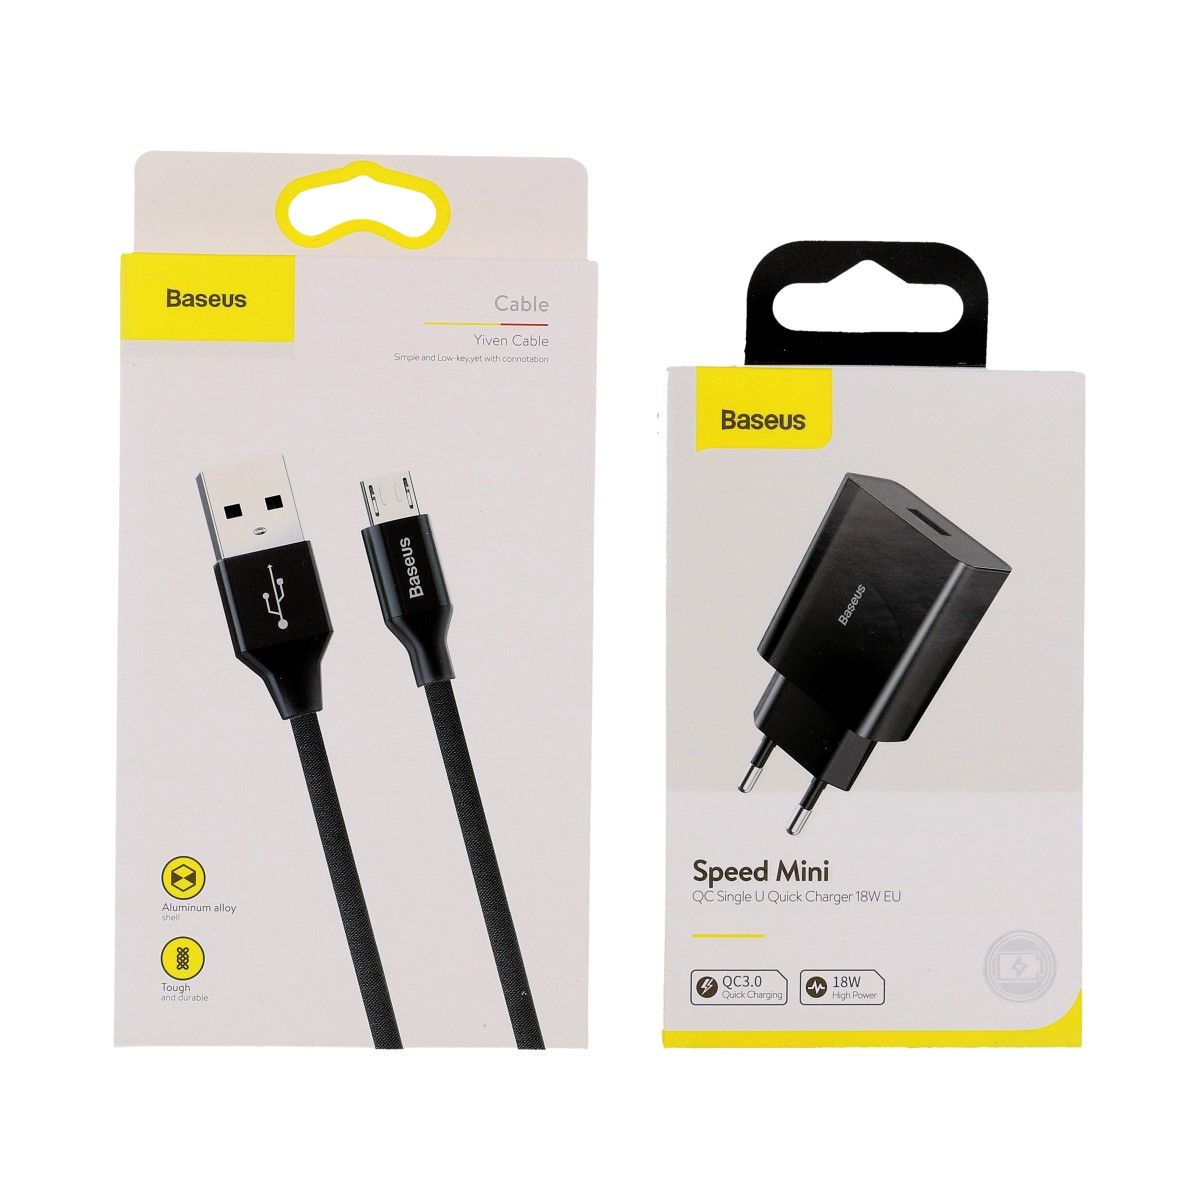 Rychlonabíječka Baseus Speed Mini 18W včetně datového kabelu microUSB černá 3A 57561